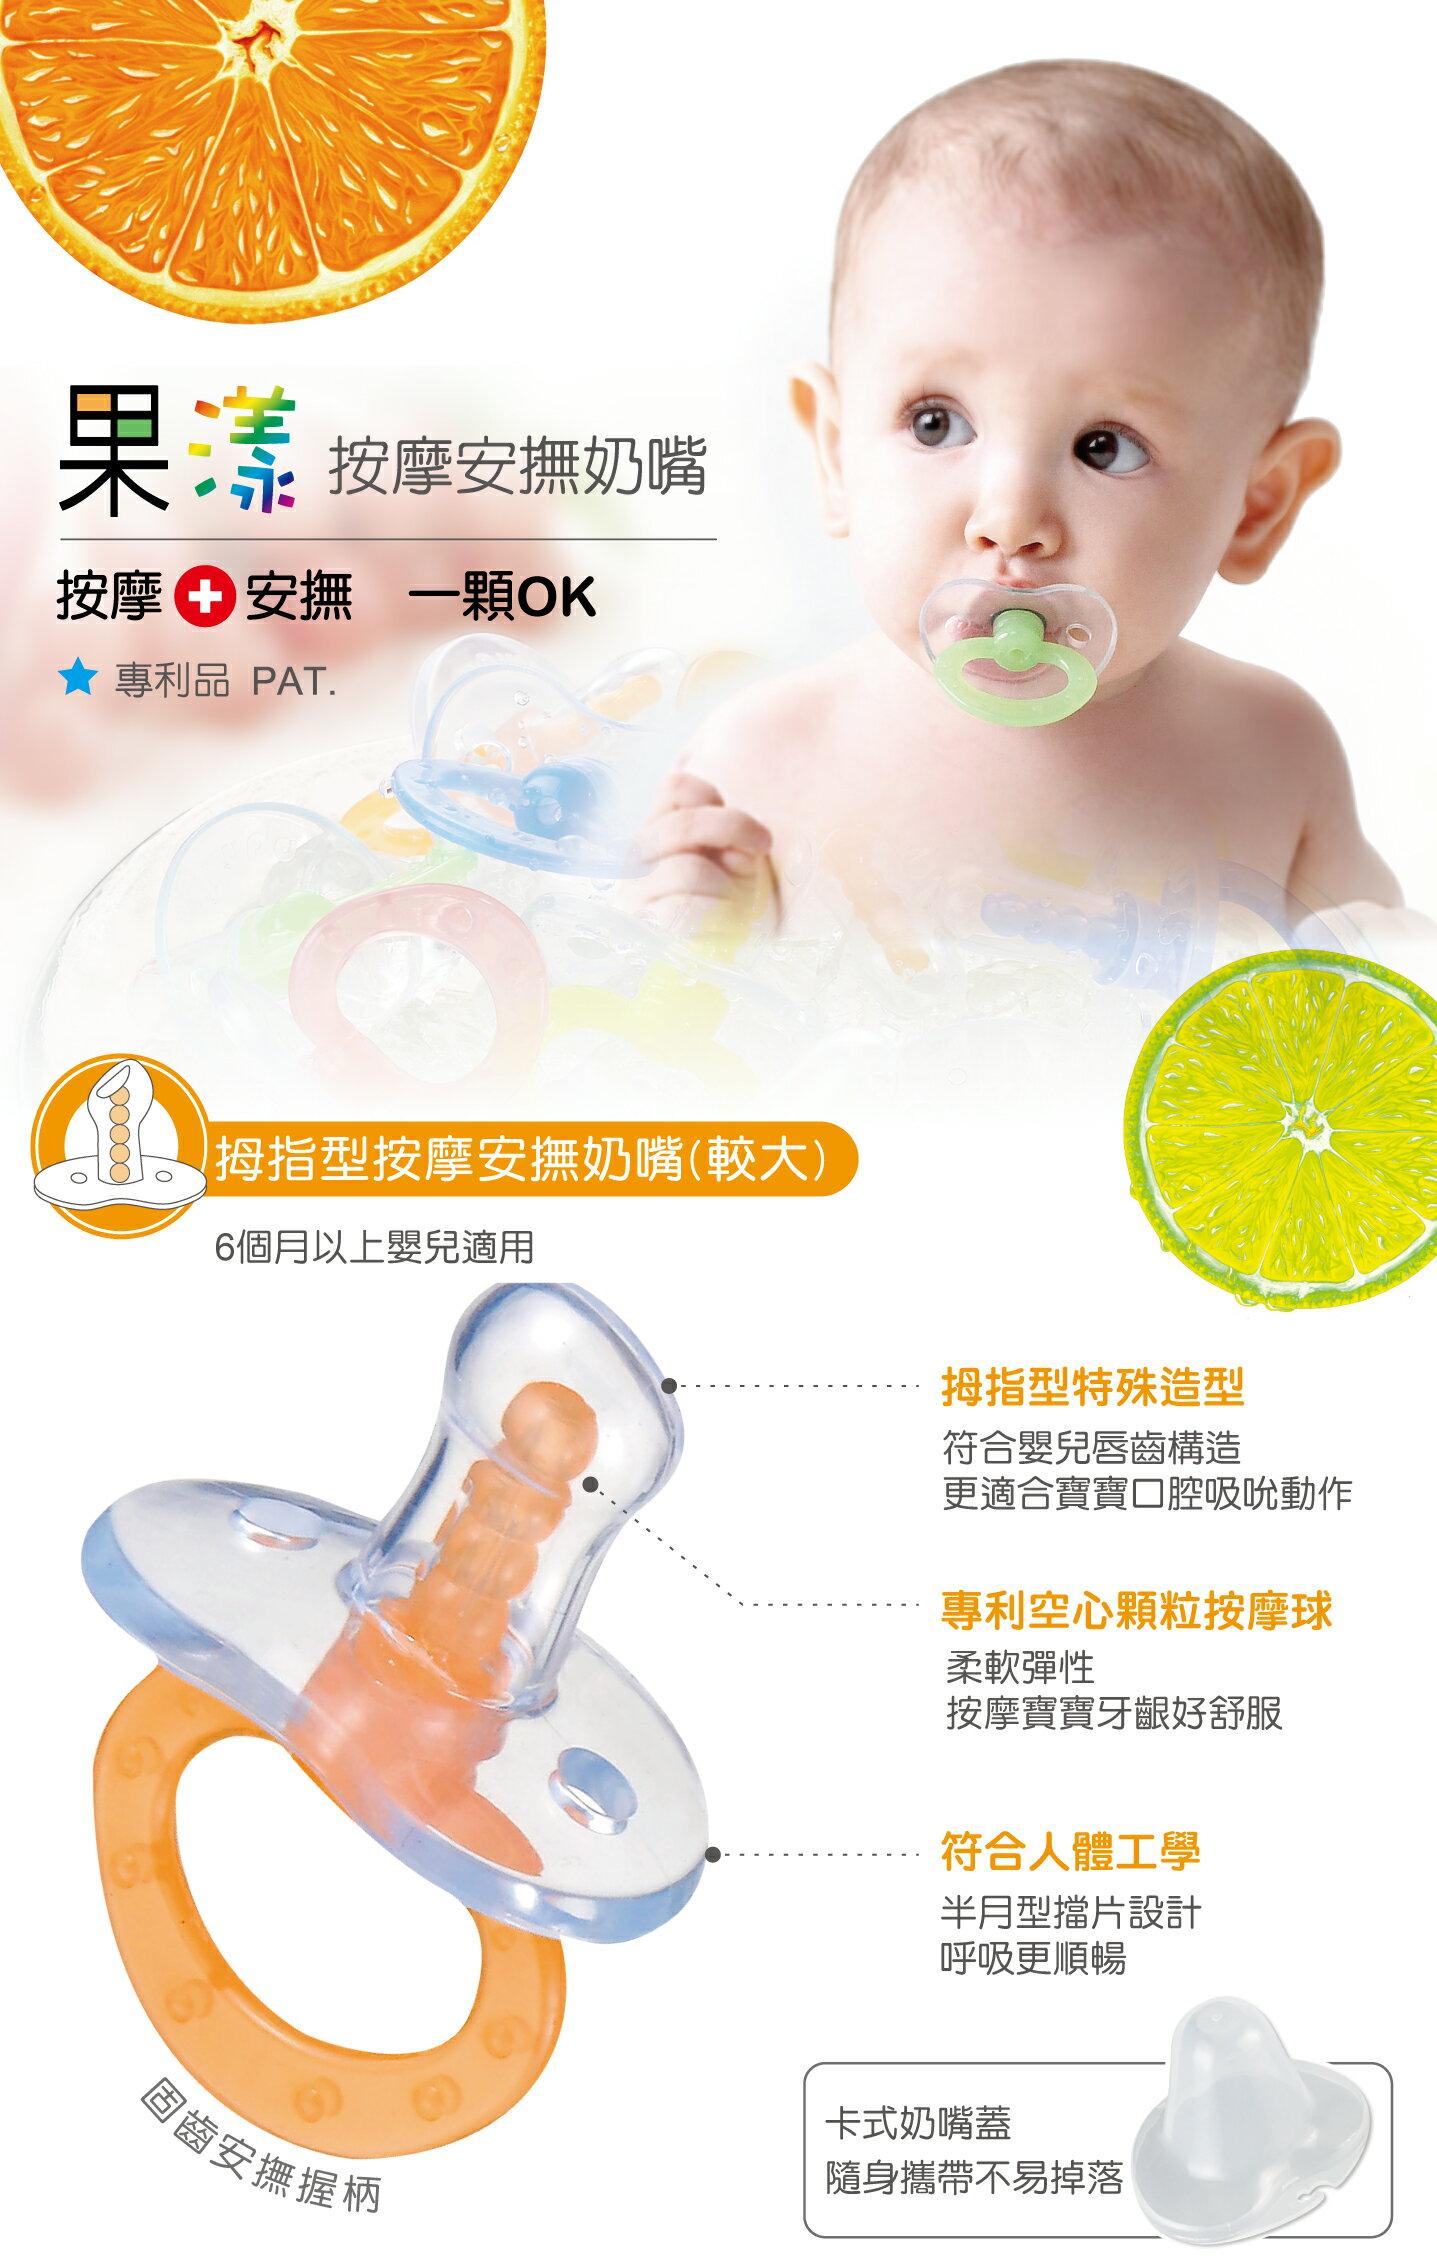 『121婦嬰用品館』辛巴 姆指果漾按摩安撫奶嘴 - 0m+ 6